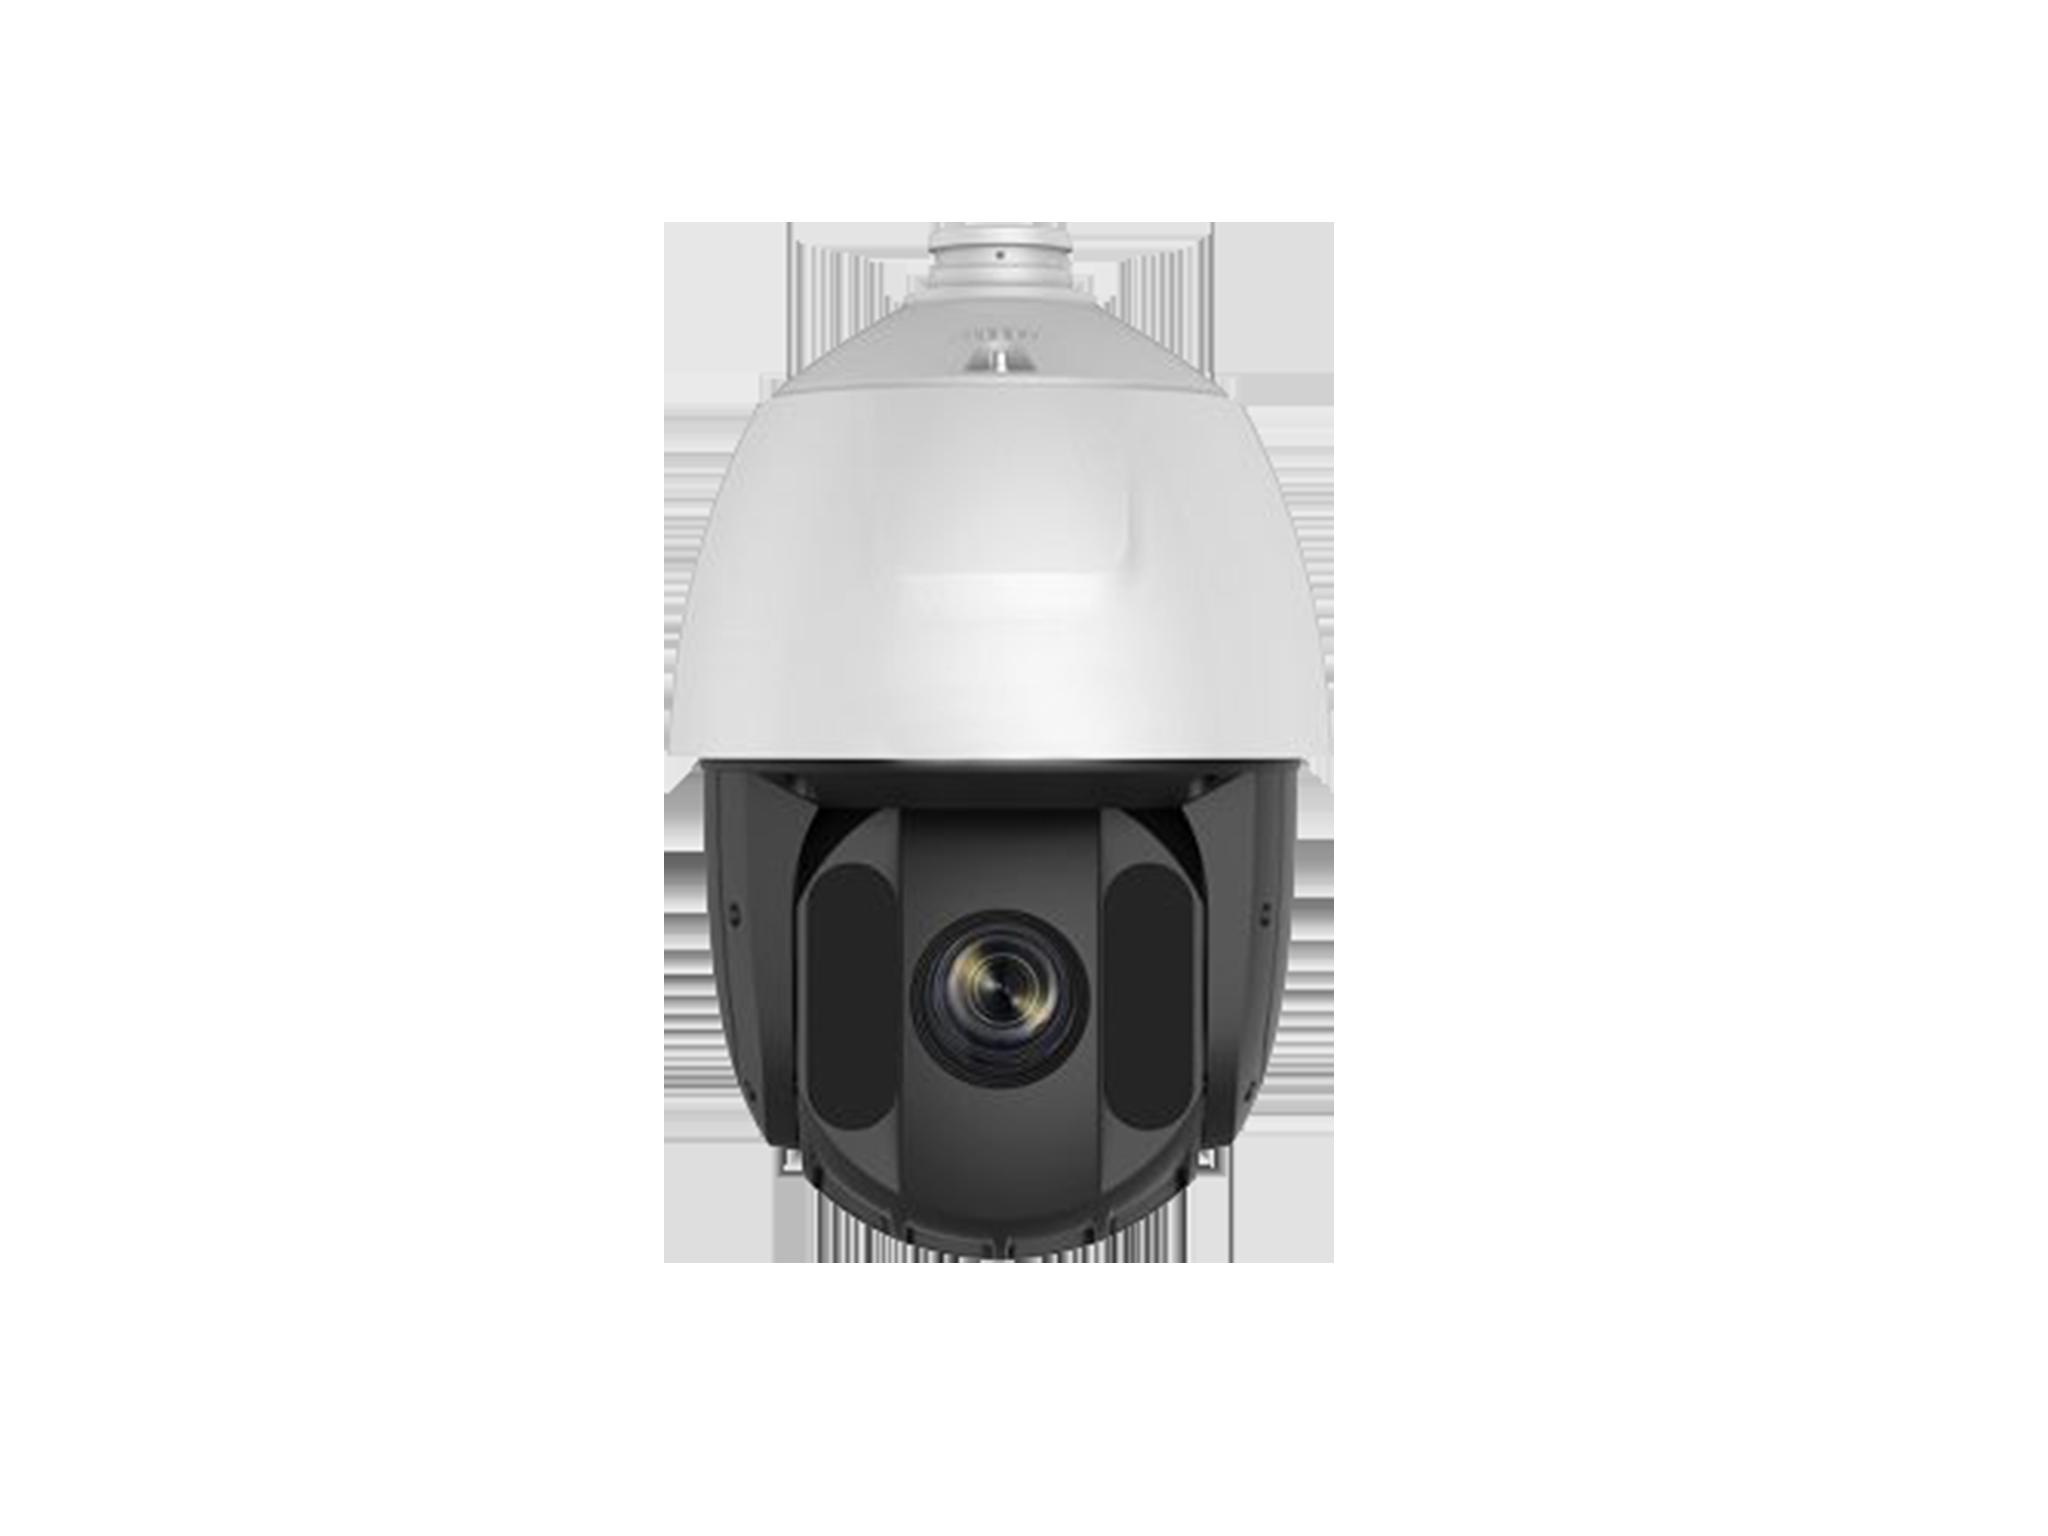 DÔme De Surveillance